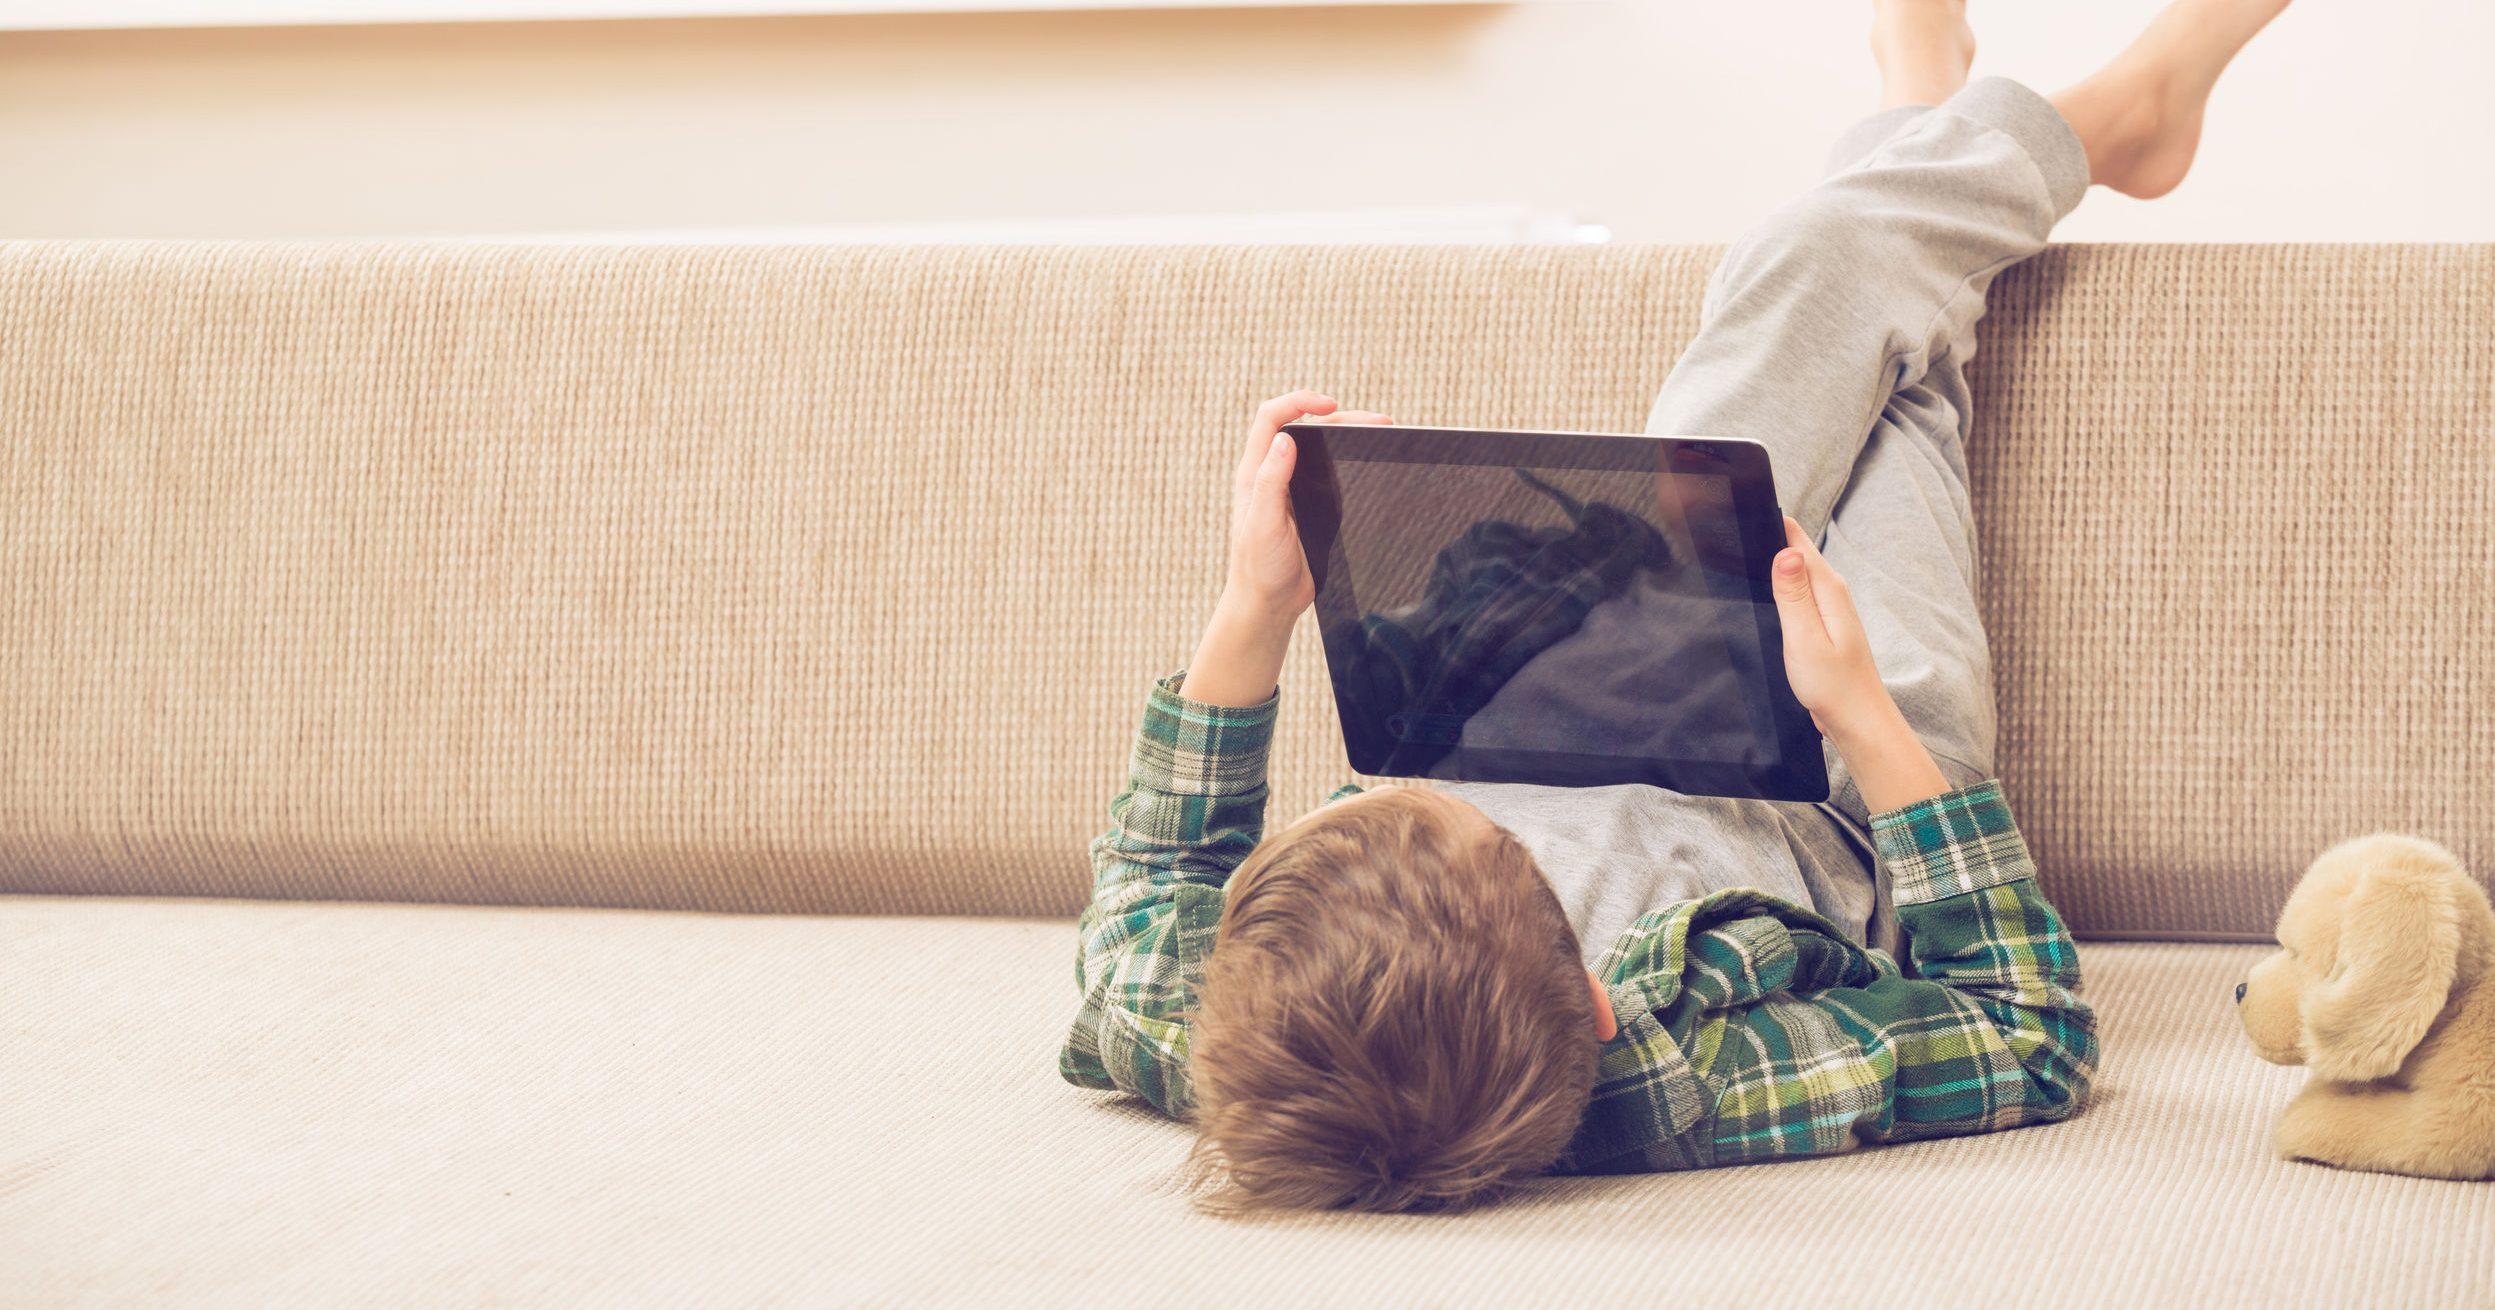 Menino bonitinho brincando com um tablet pc no sofá em casa